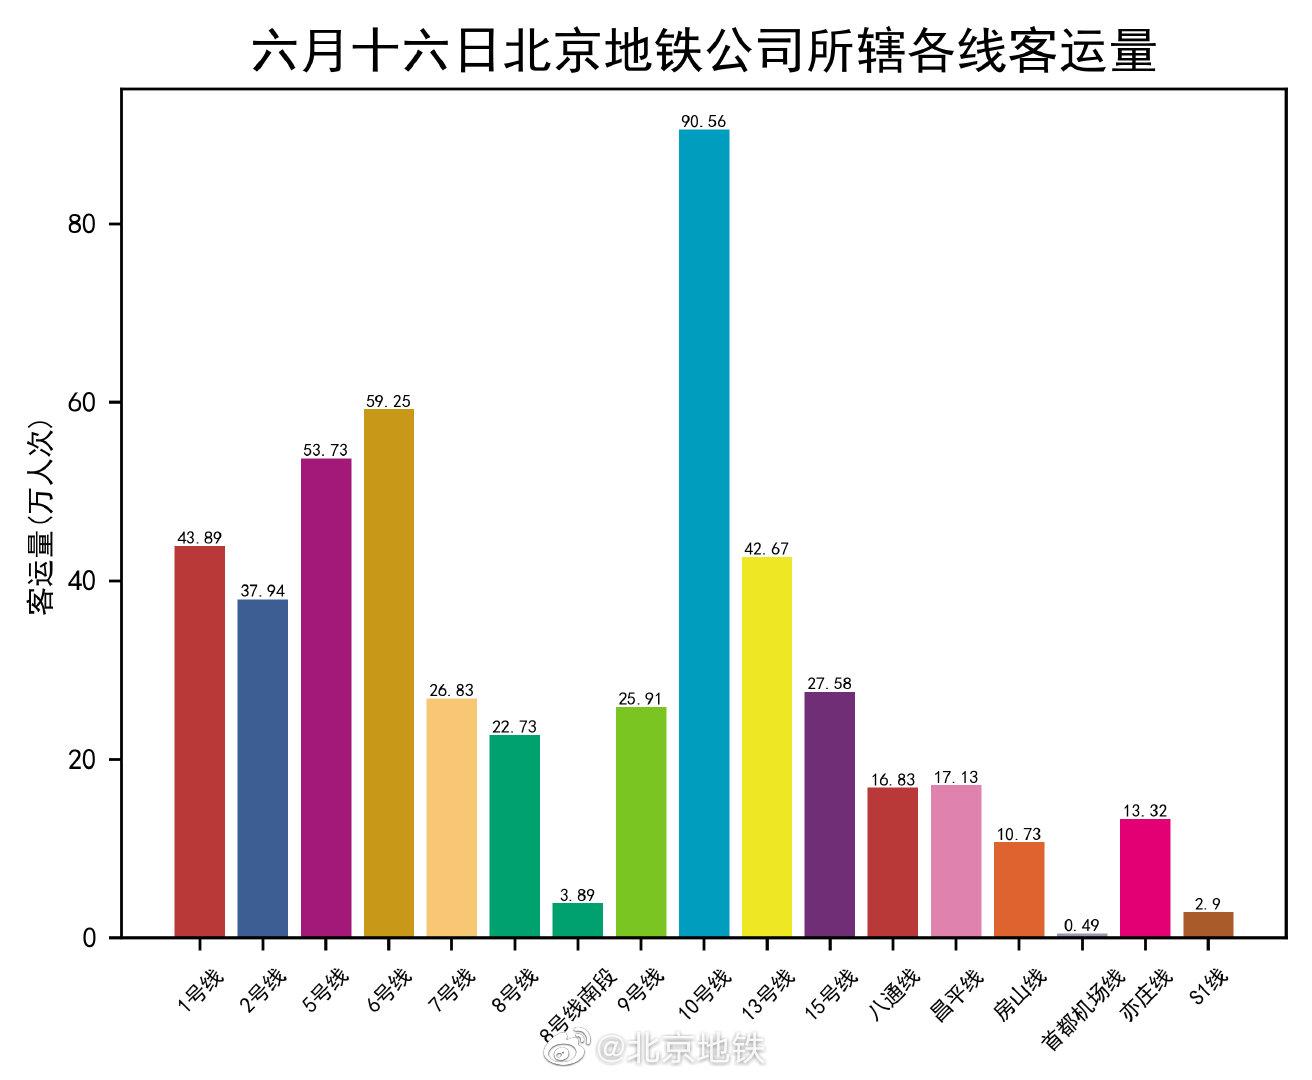 自然科学:京地铁将适时限流公交满载率调至自然科学图片